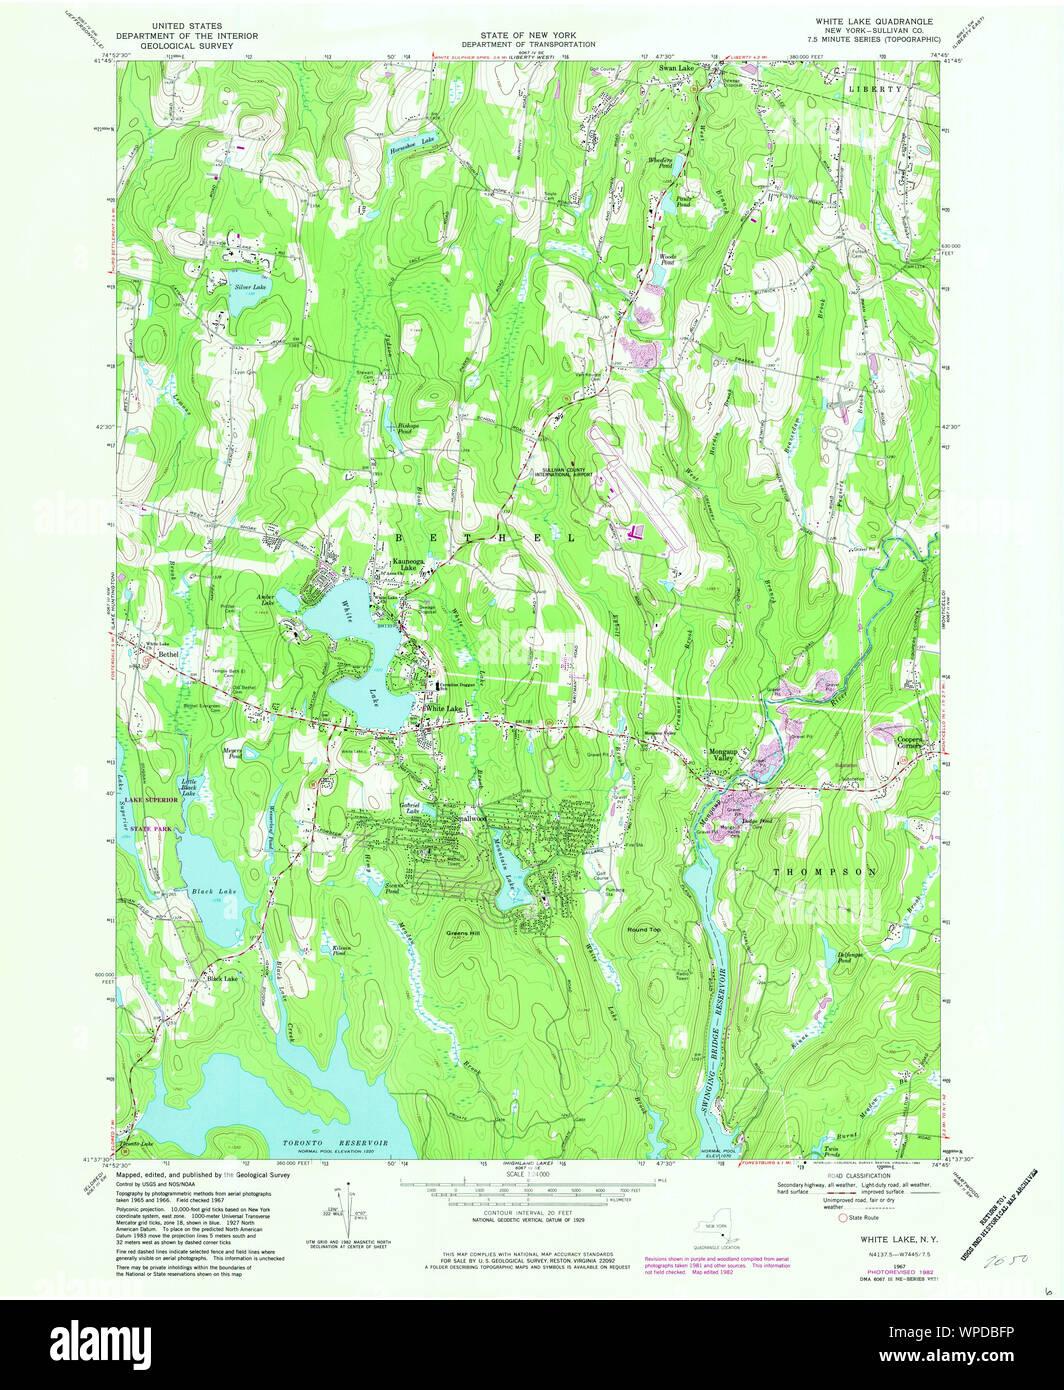 white lake ny map New York Ny White Lake 140258 1967 24000 Restoration Stock Photo 271972394 Alamy white lake ny map